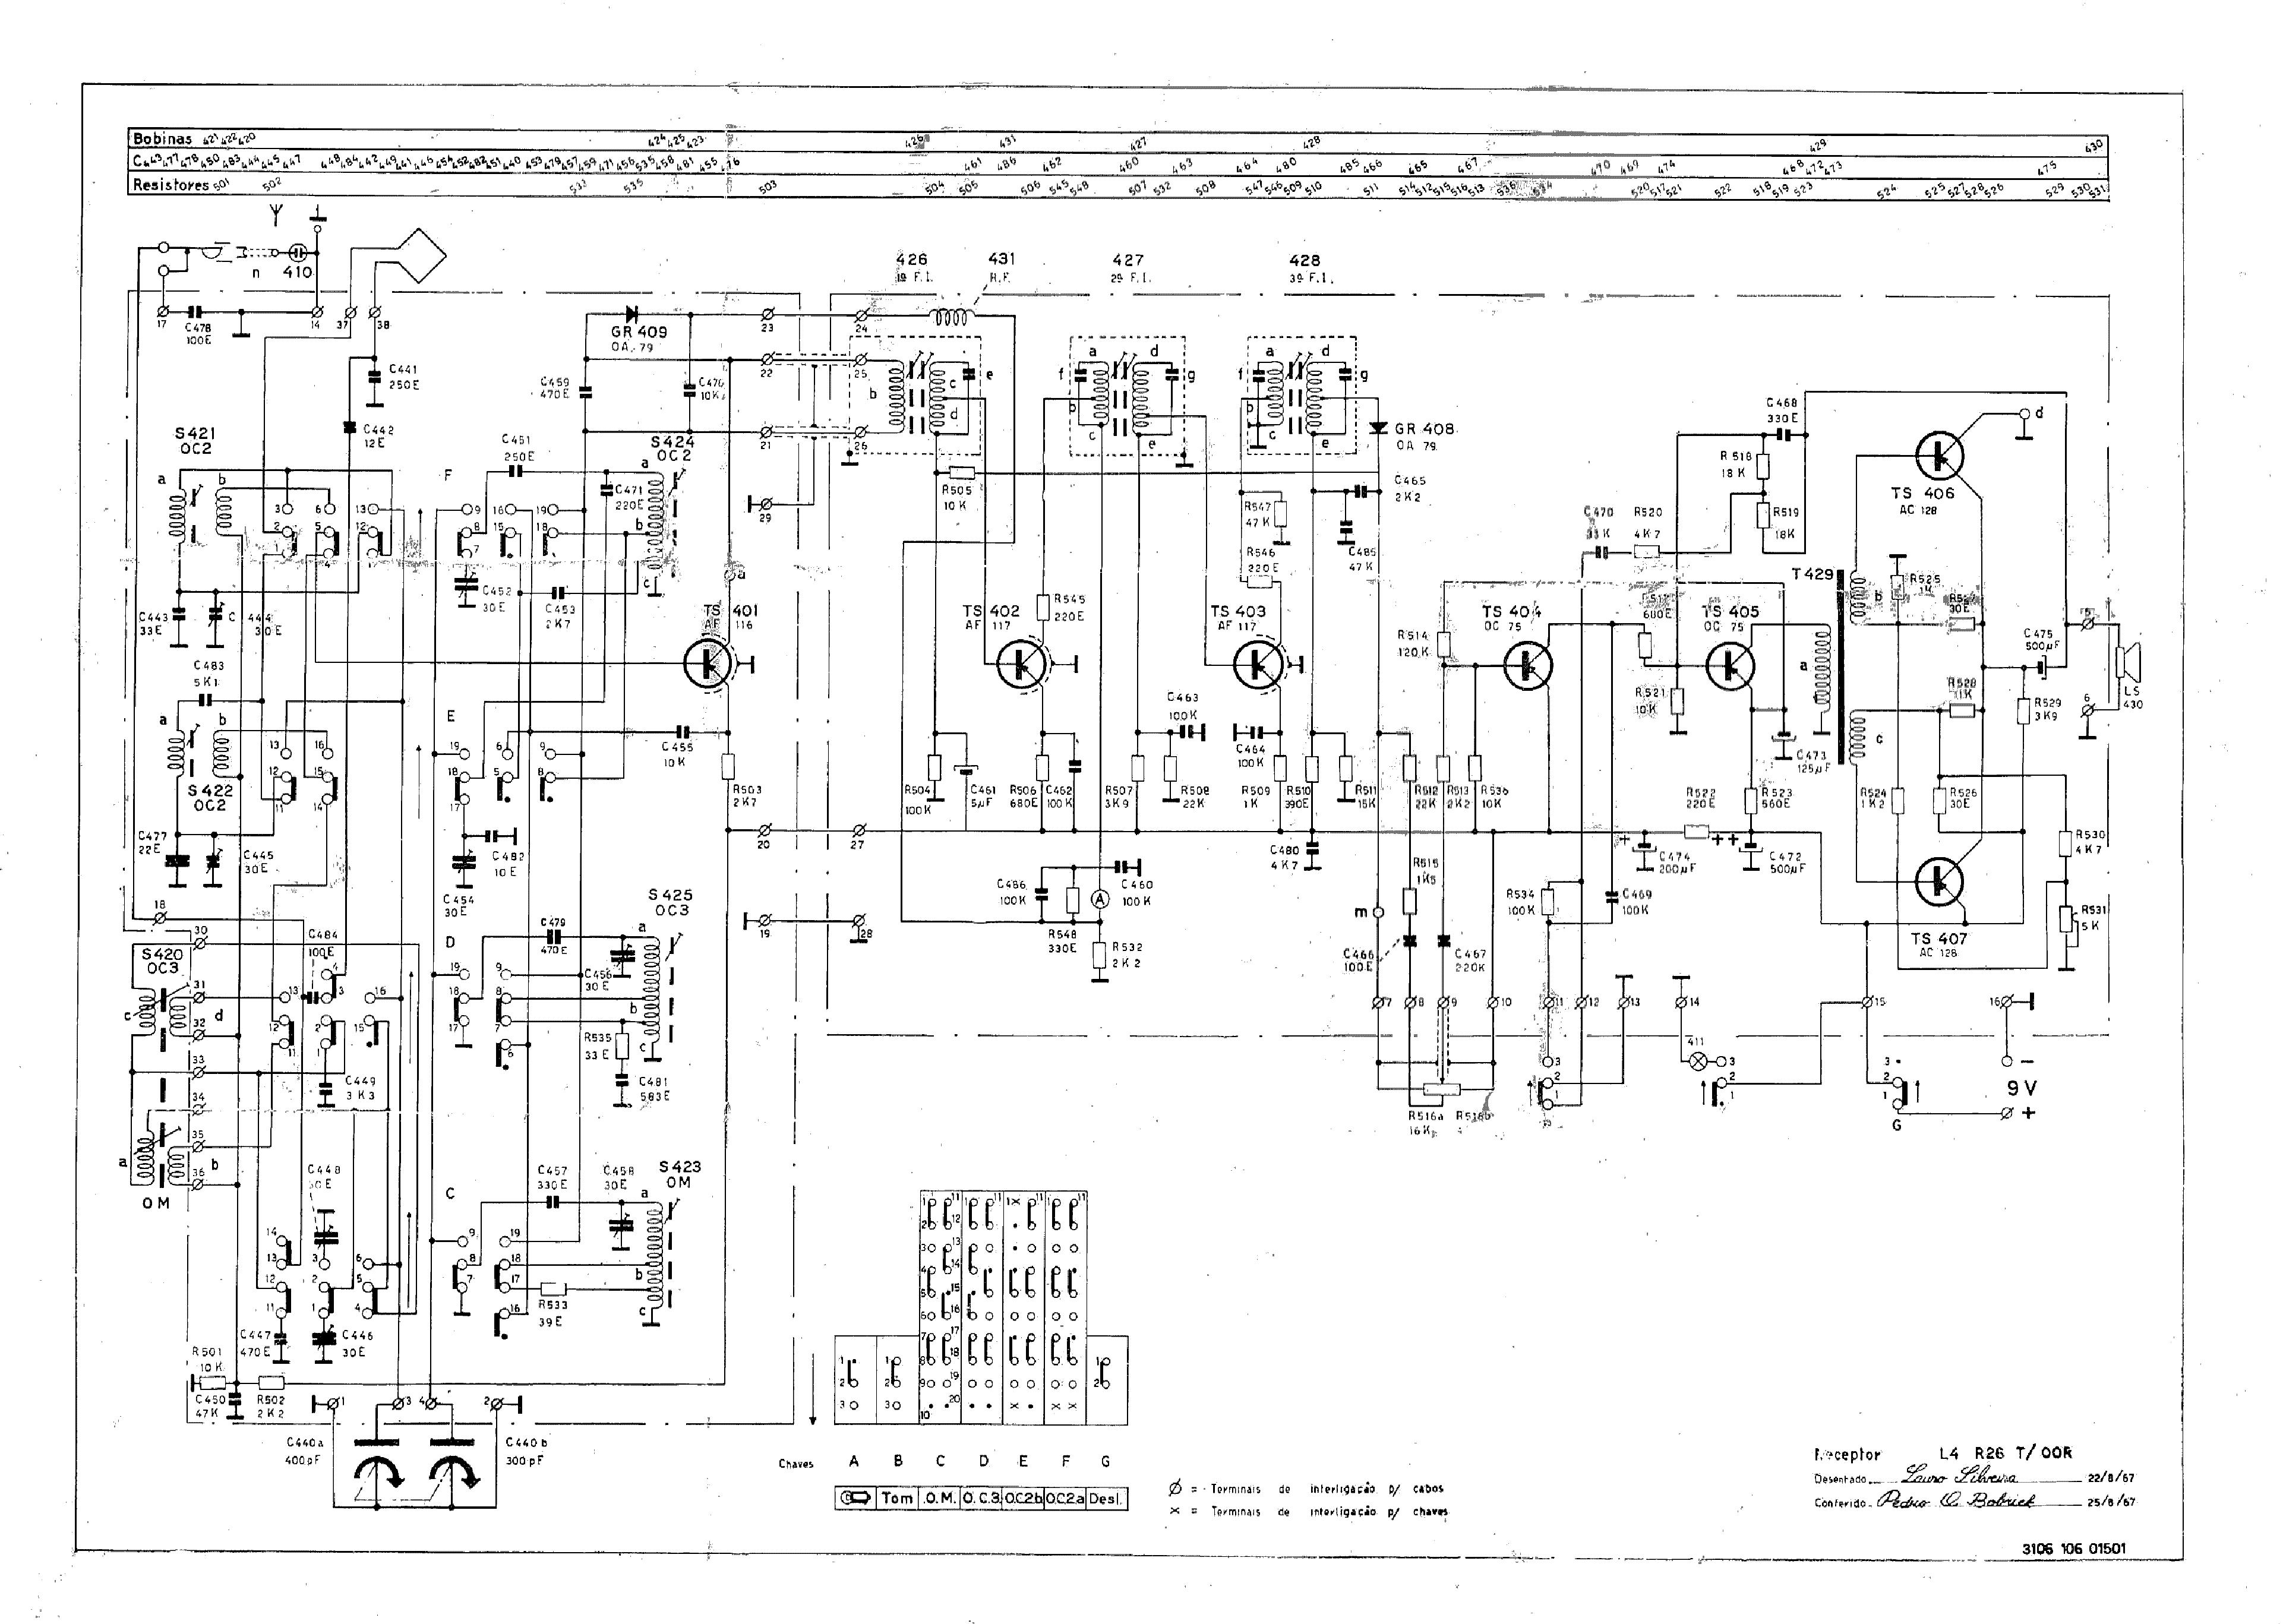 astm a262 pdf free download